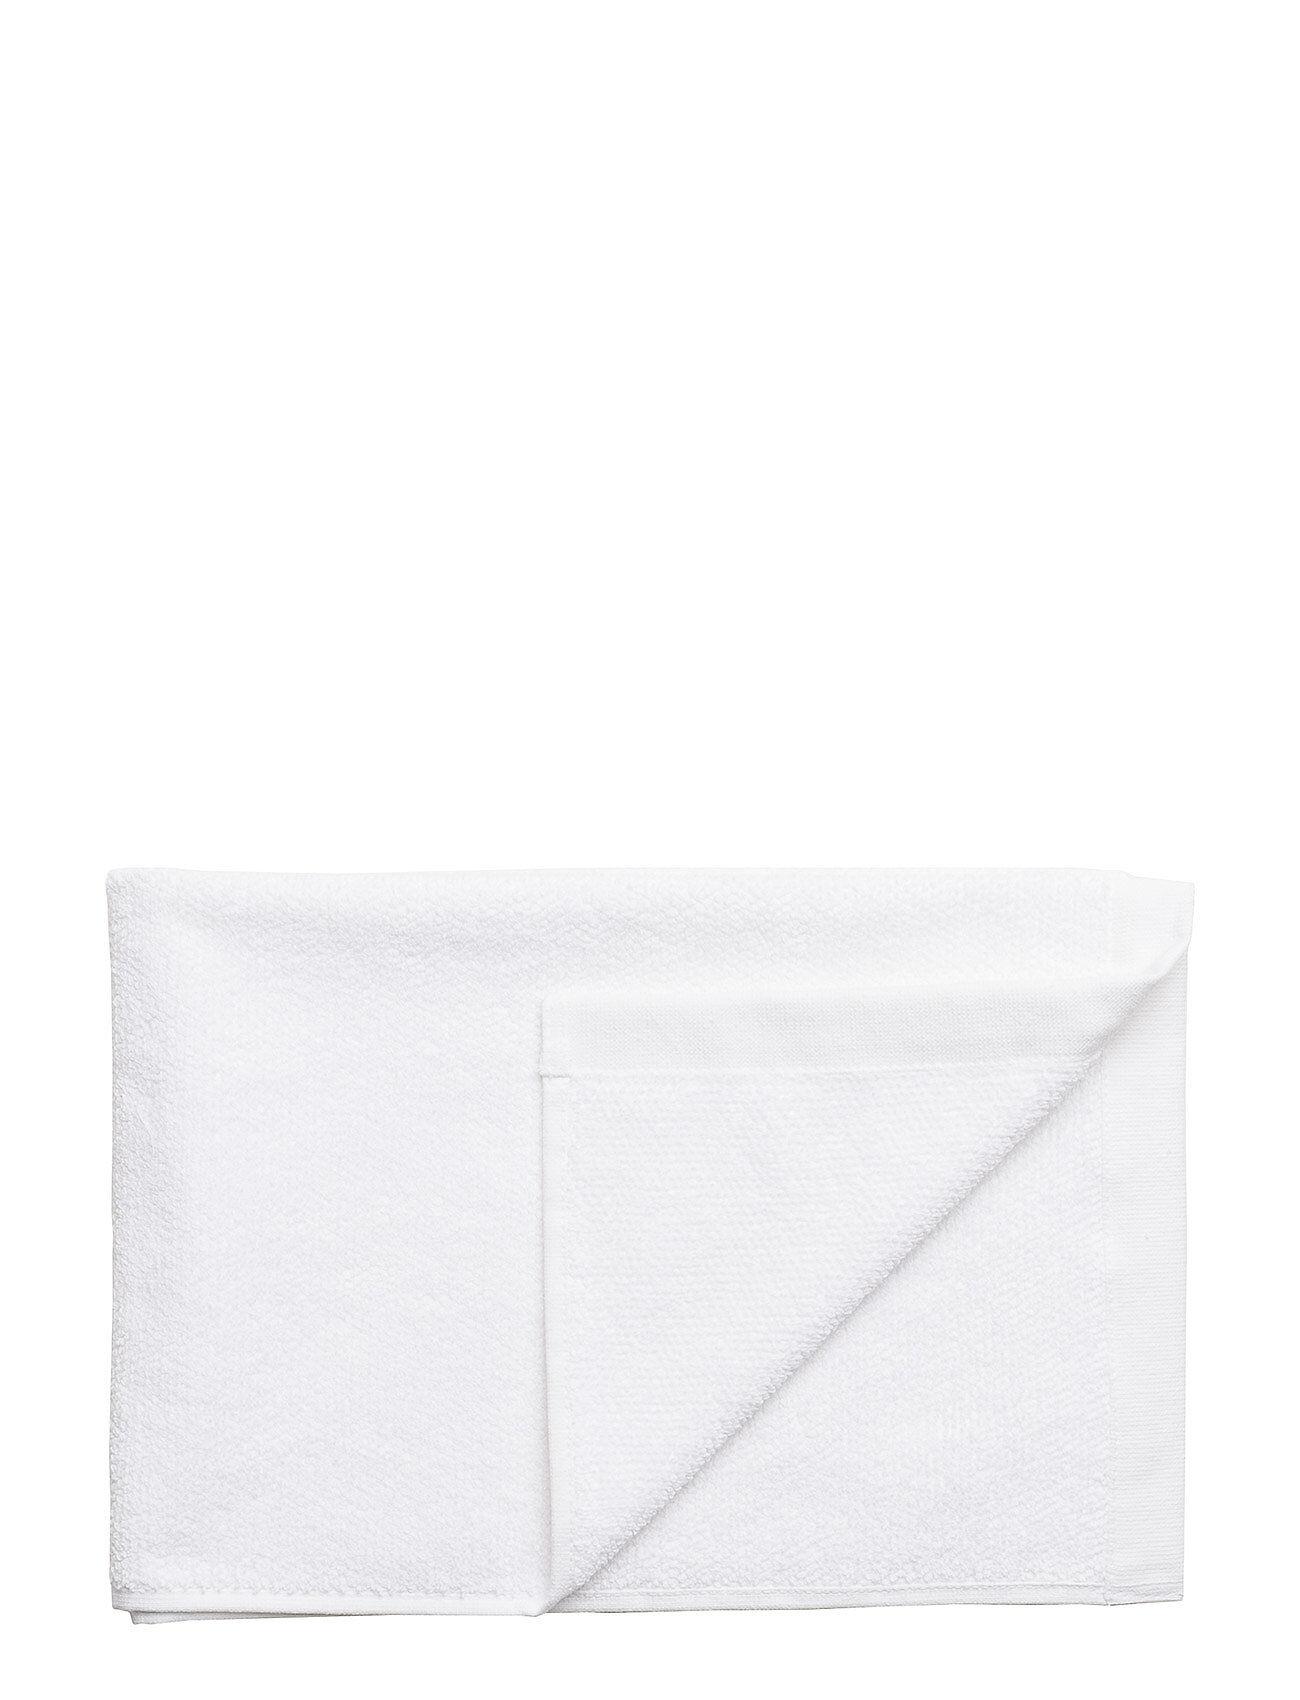 Gripsholm Towel Cotton Linen